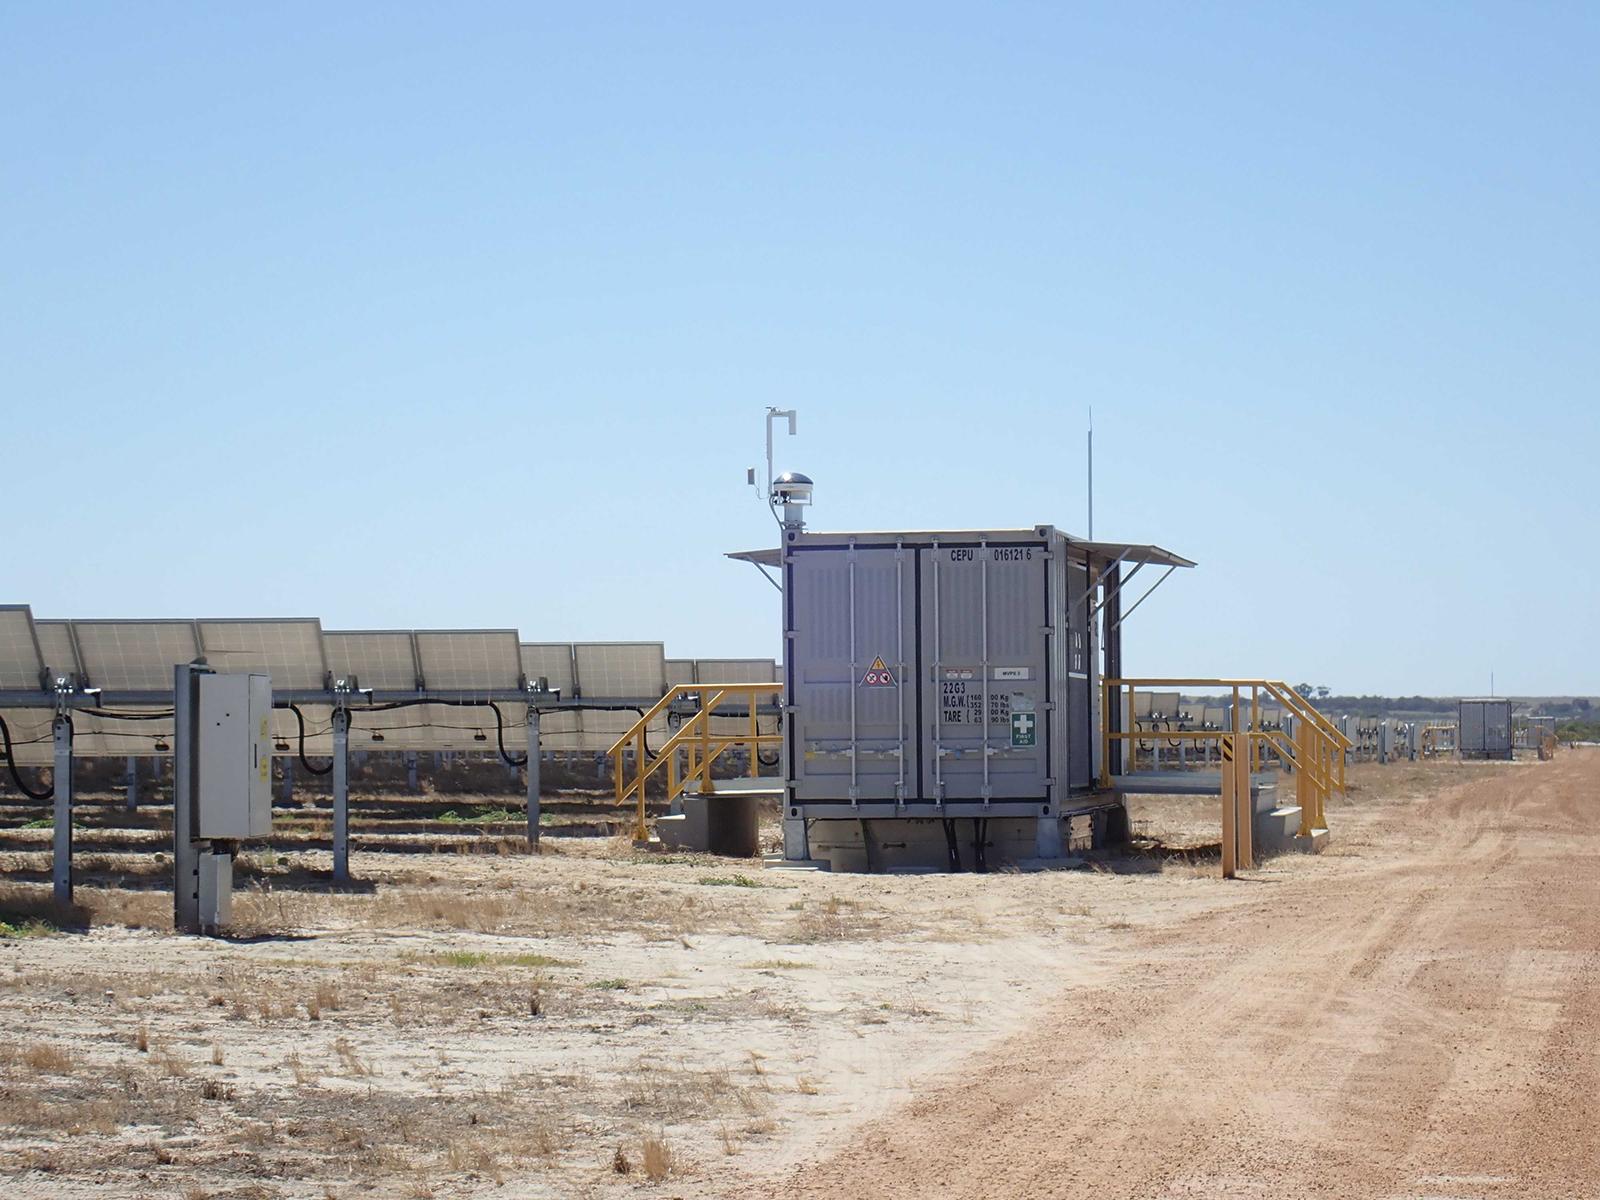 Imageur du ciel Sky InSight installé sur un site isolé en Australie. Photo : Reuniwatt